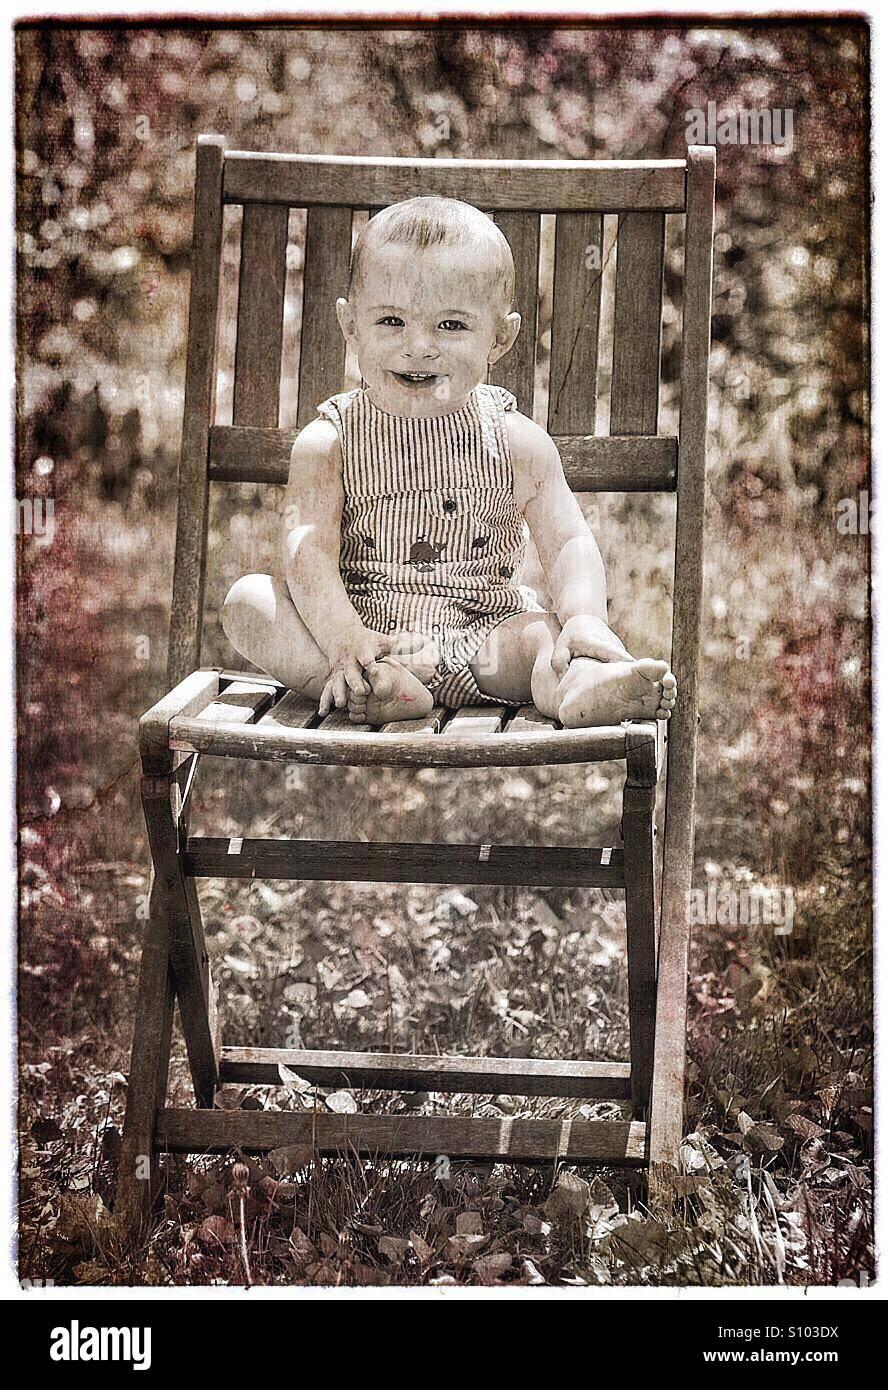 Bébé avec grand sourire assis sur une chaise à l'extérieur. Photo Stock